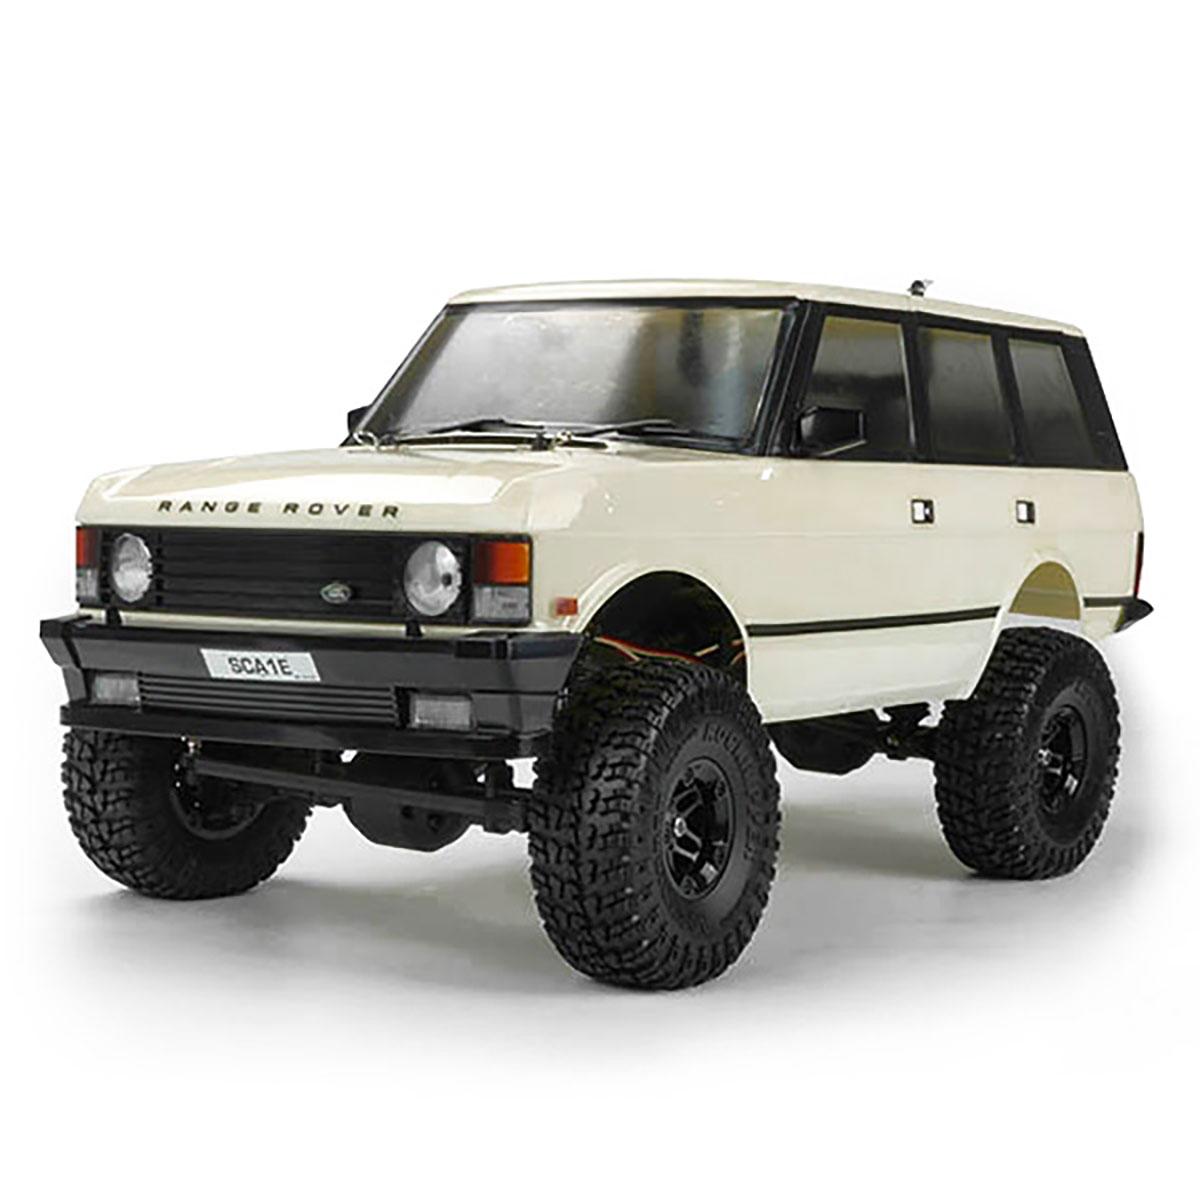 Crawler SCA-1E Land Range Rover 1981 1/10